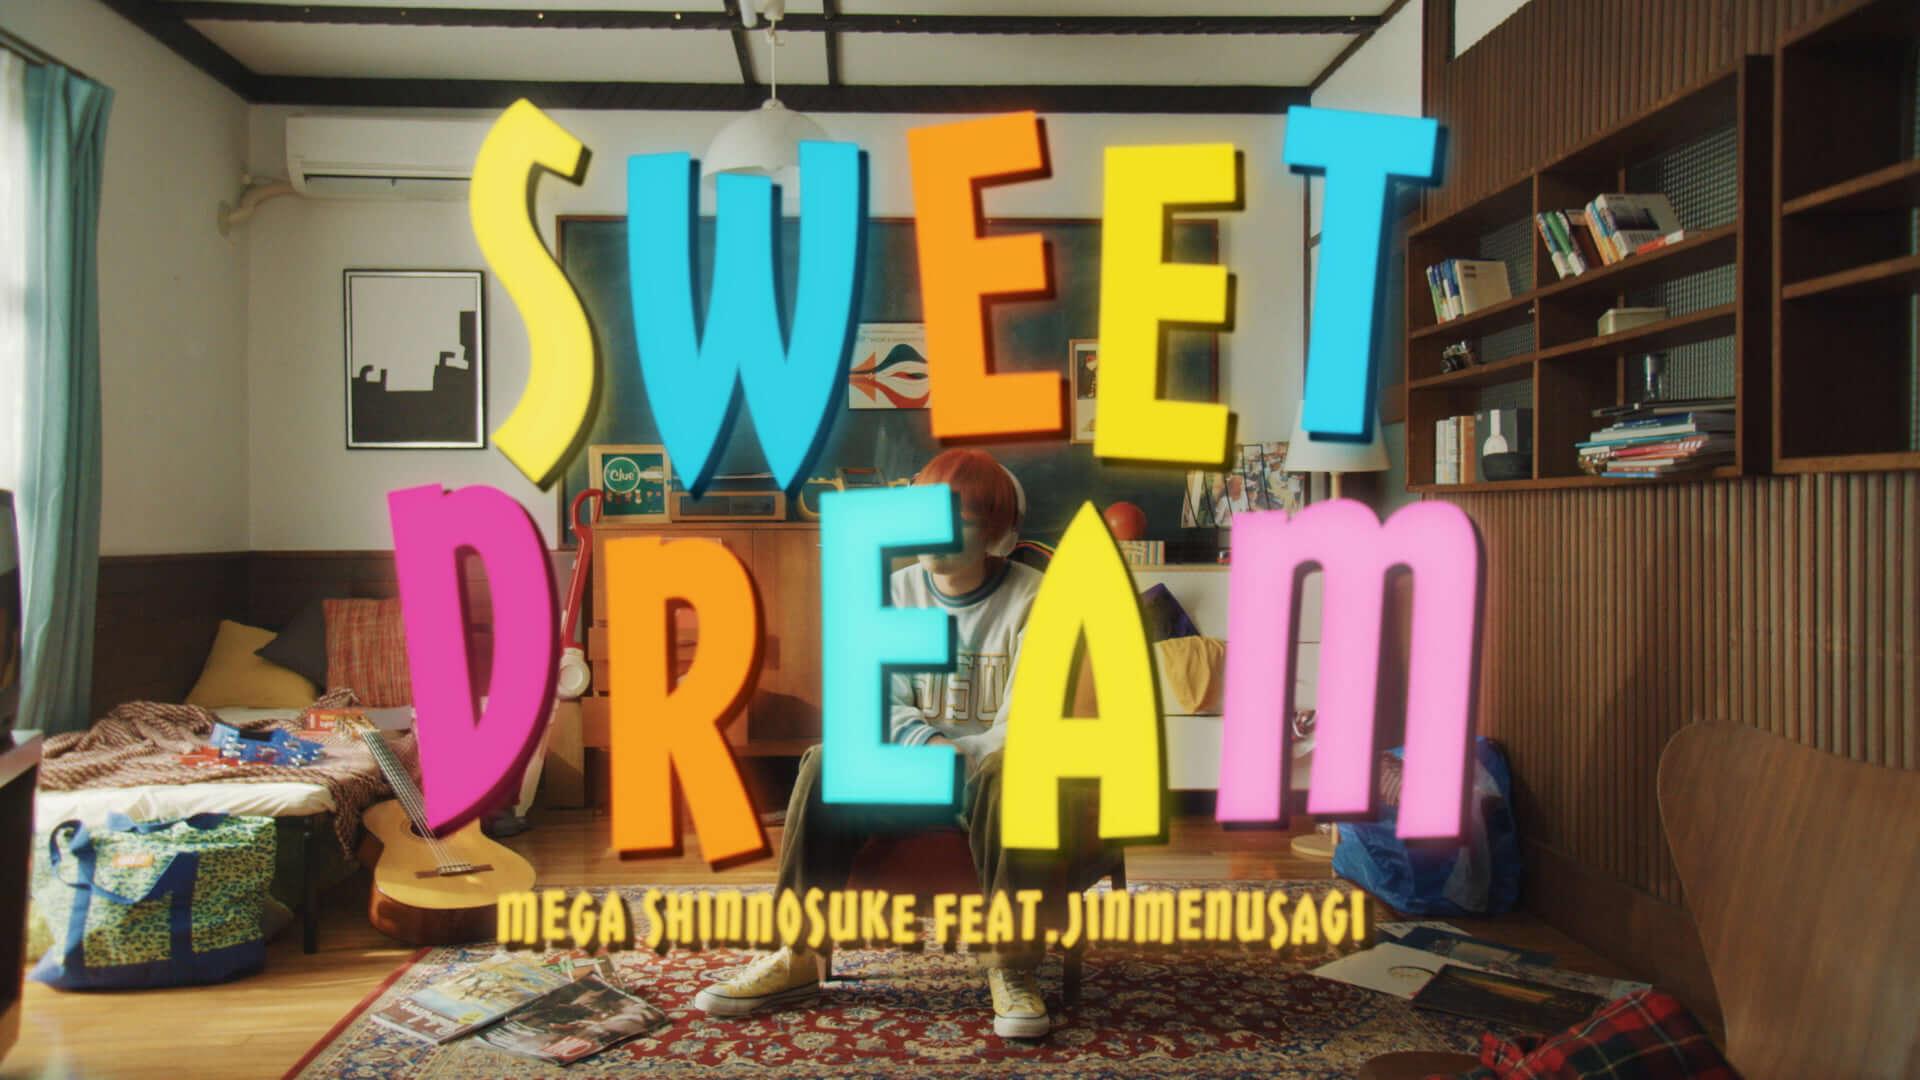 """Mega ShinnosukeがJinmenusagiを迎えた新曲""""Sweet Dream""""MVを公開!ディレクターはNasty Men$ah music210218_mega-shinnosuke_2-1920x1080"""